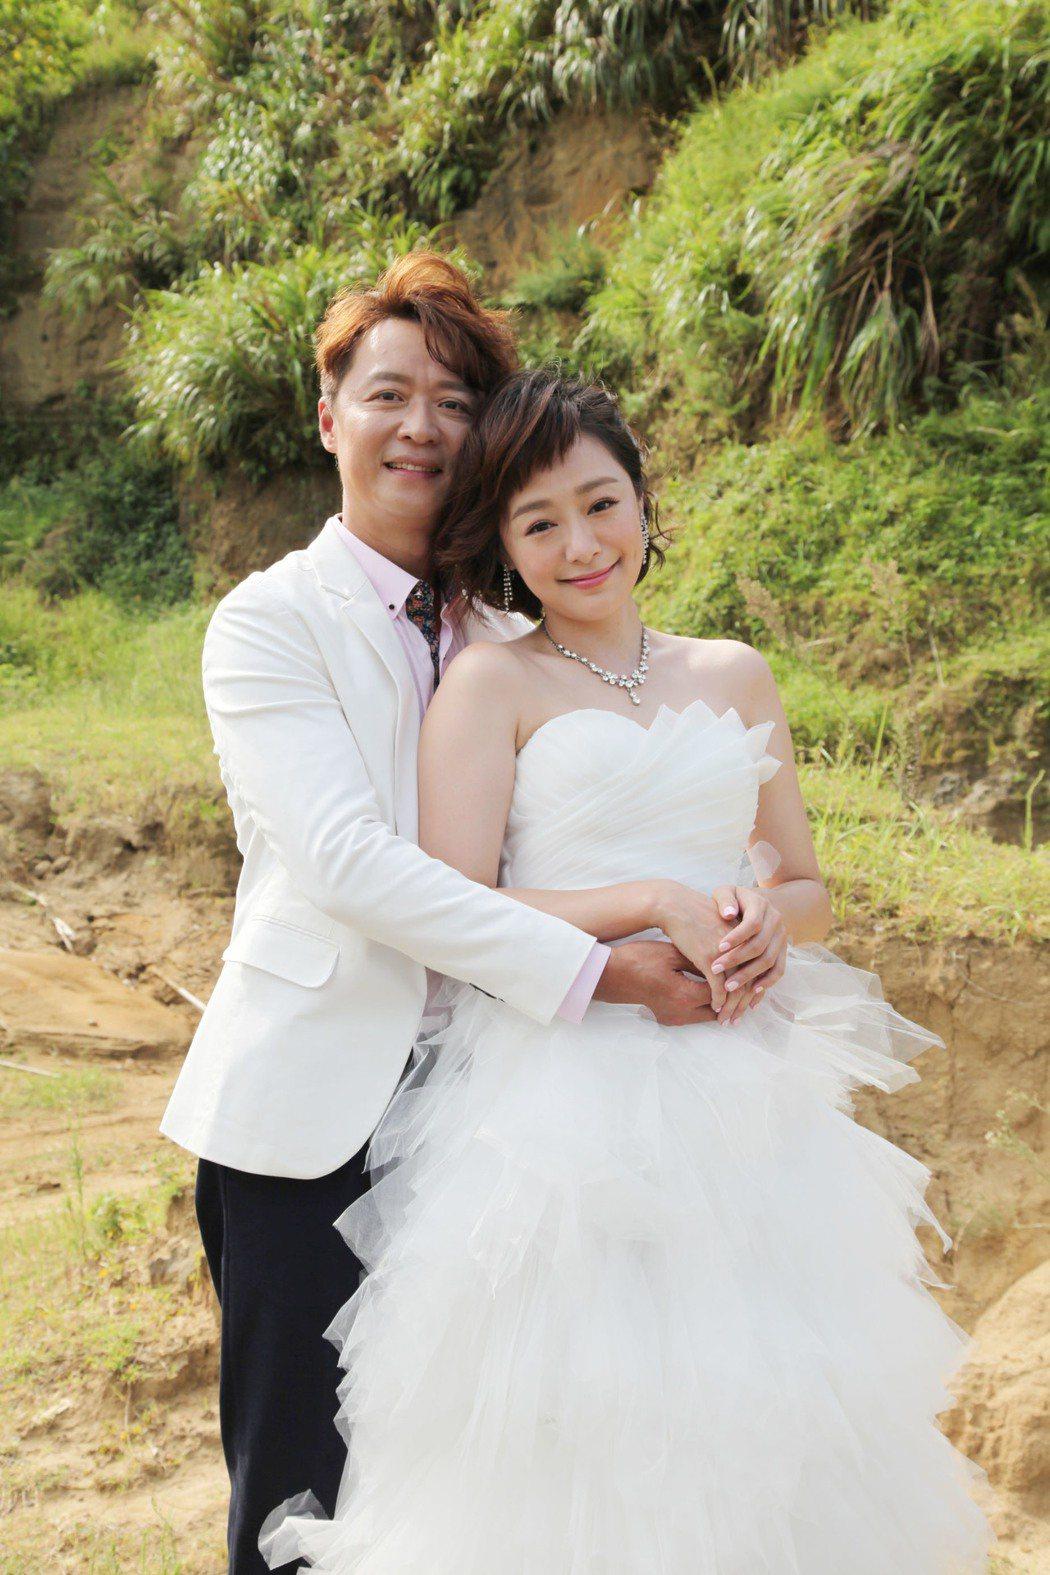 何豪傑(左)與茵芙為「大時代」到深山拍攝婚紗照,還被遊客認出。圖/三立提供